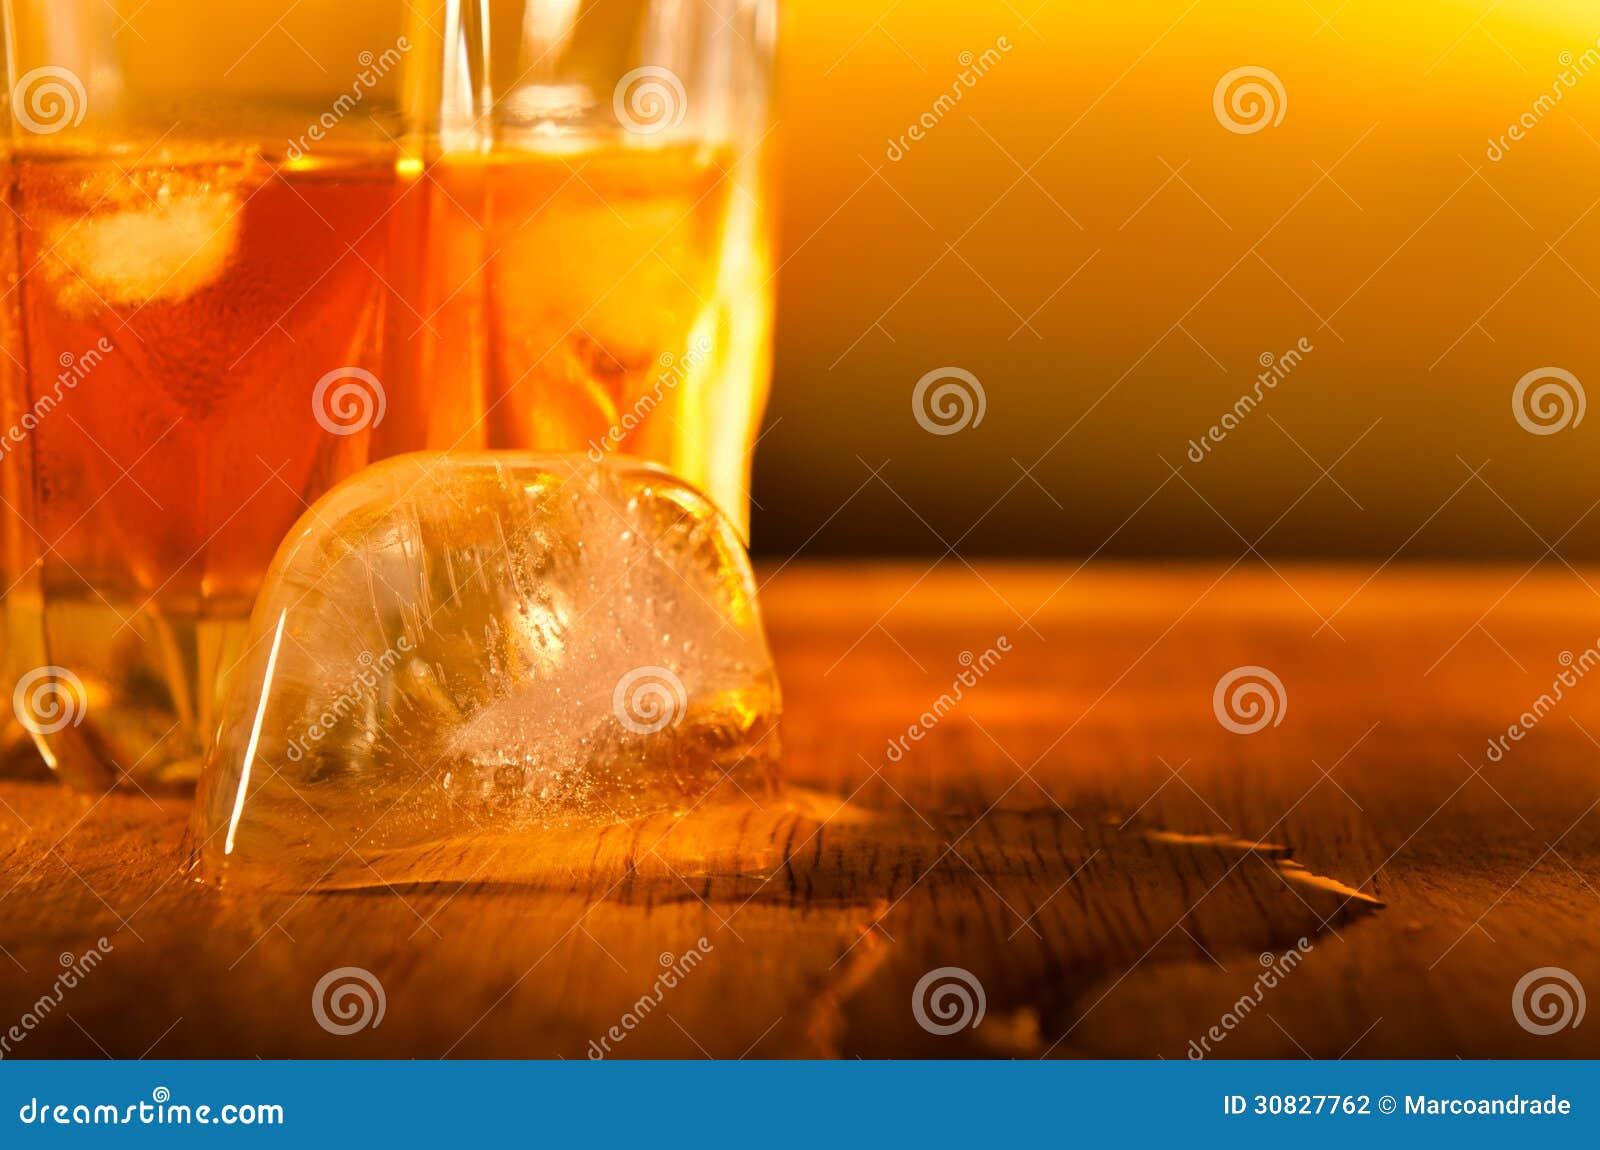 Chiuda su di un cubetto di ghiaccio che si fonde con una bevanda